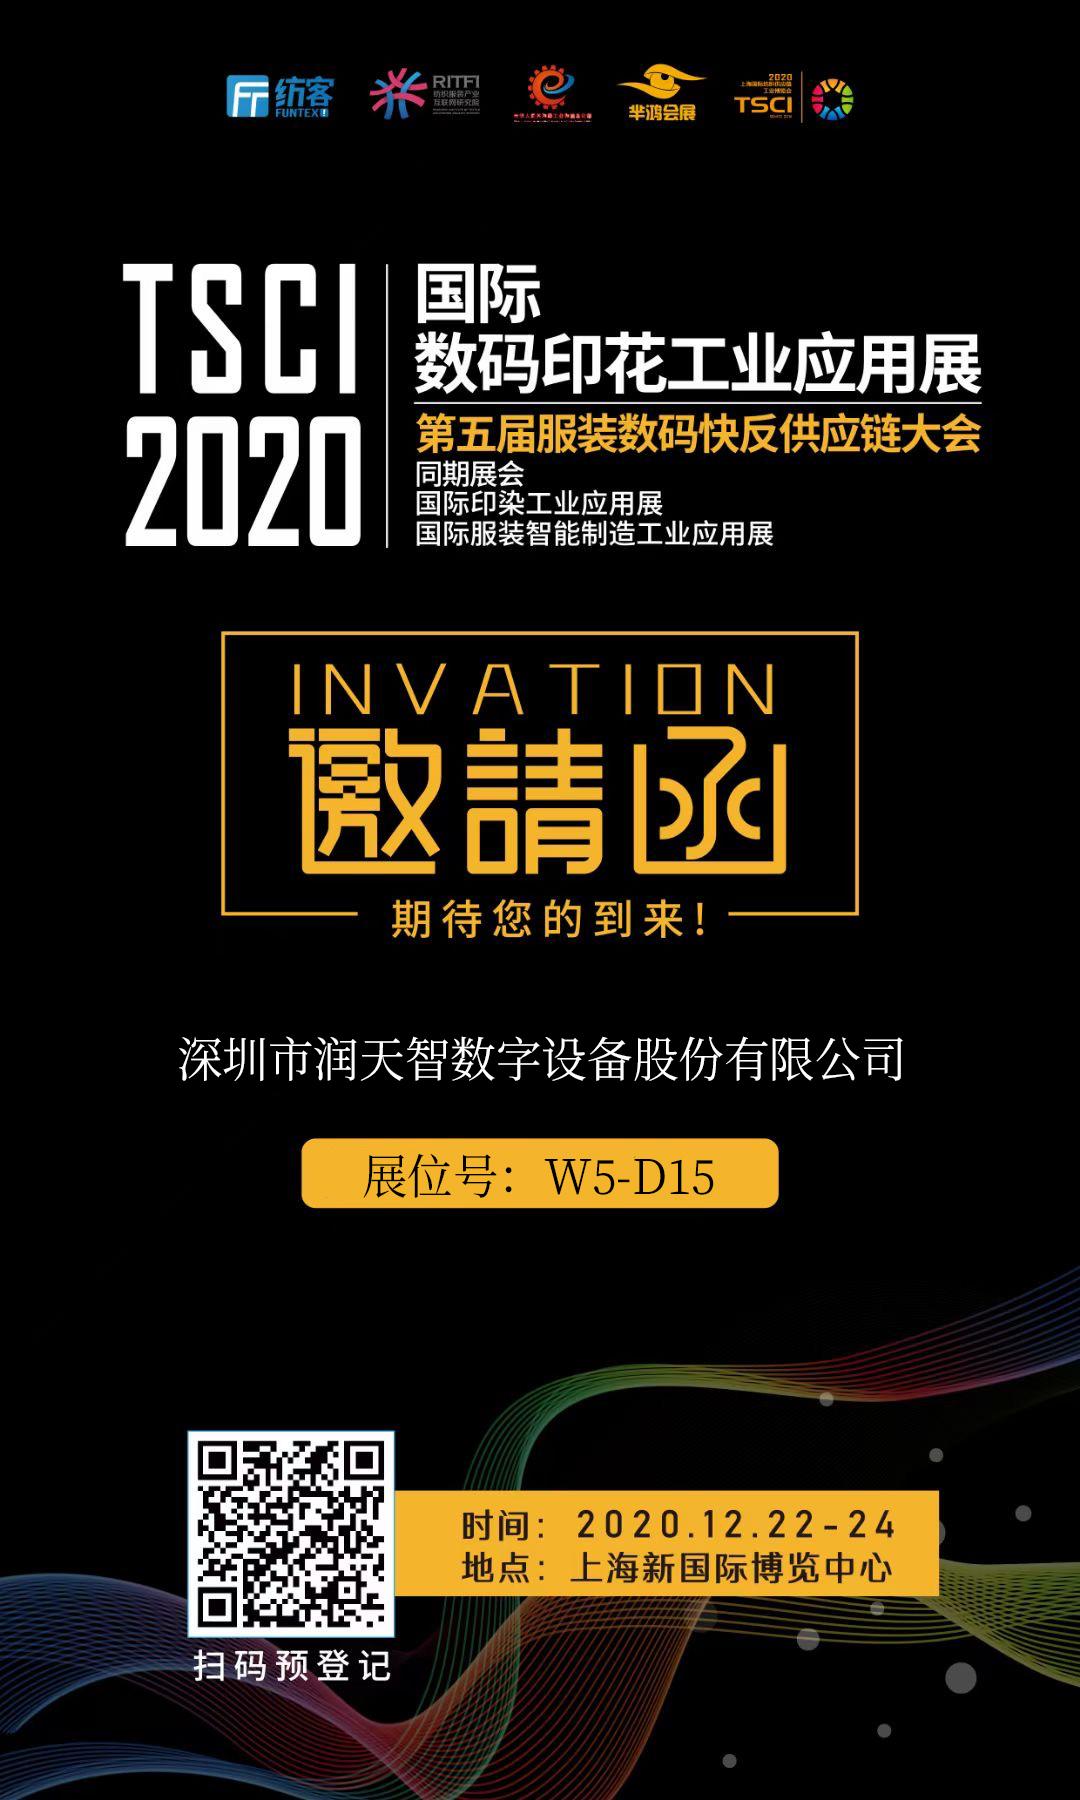 智印精彩尽在2020 TSCI!3d彩票与您相聚上海国际纺织供应链工业博览会